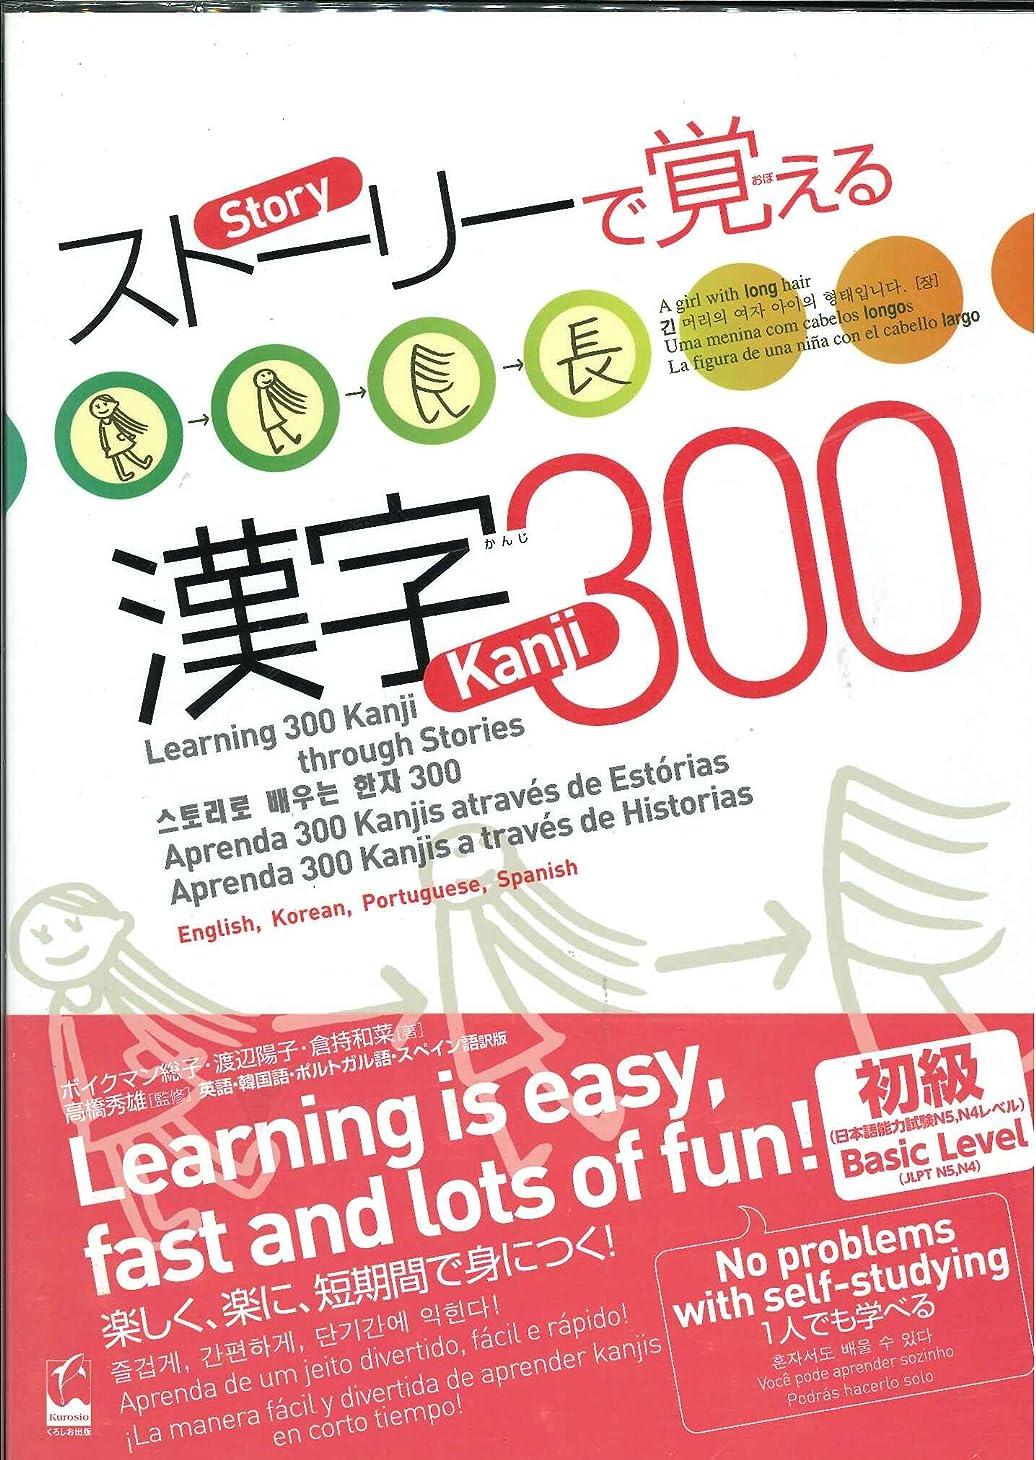 最初にギャラリー簡単にストーリーで覚える漢字300 英語?韓国語?ポルトガル語?スペイン語訳版